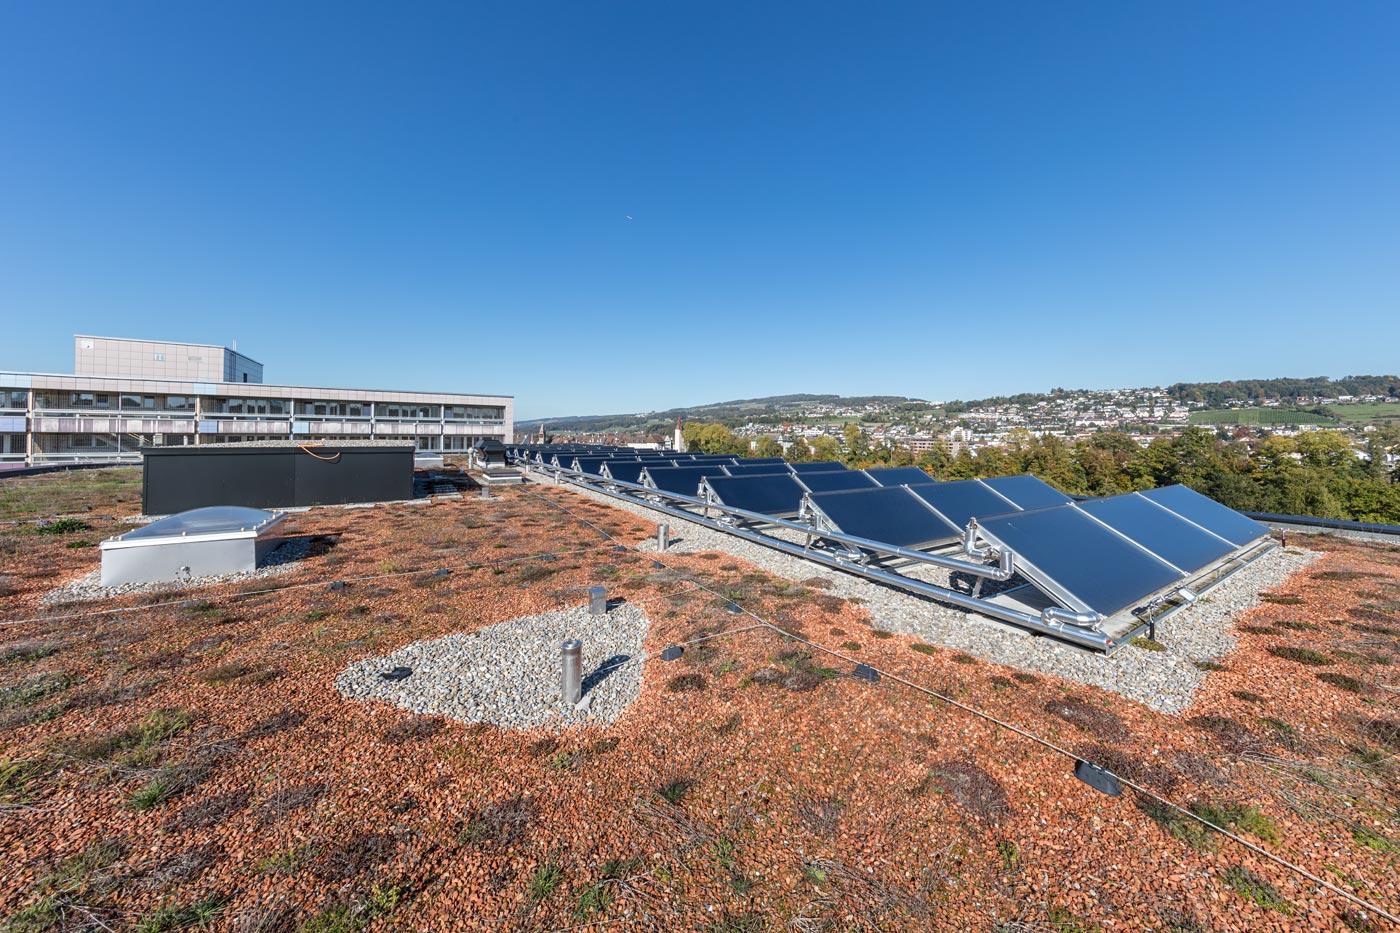 flachdach, dach begrünt, spenglerei, spenglerarbeiten, metallbau, fassade, photovoltaik, flachdach